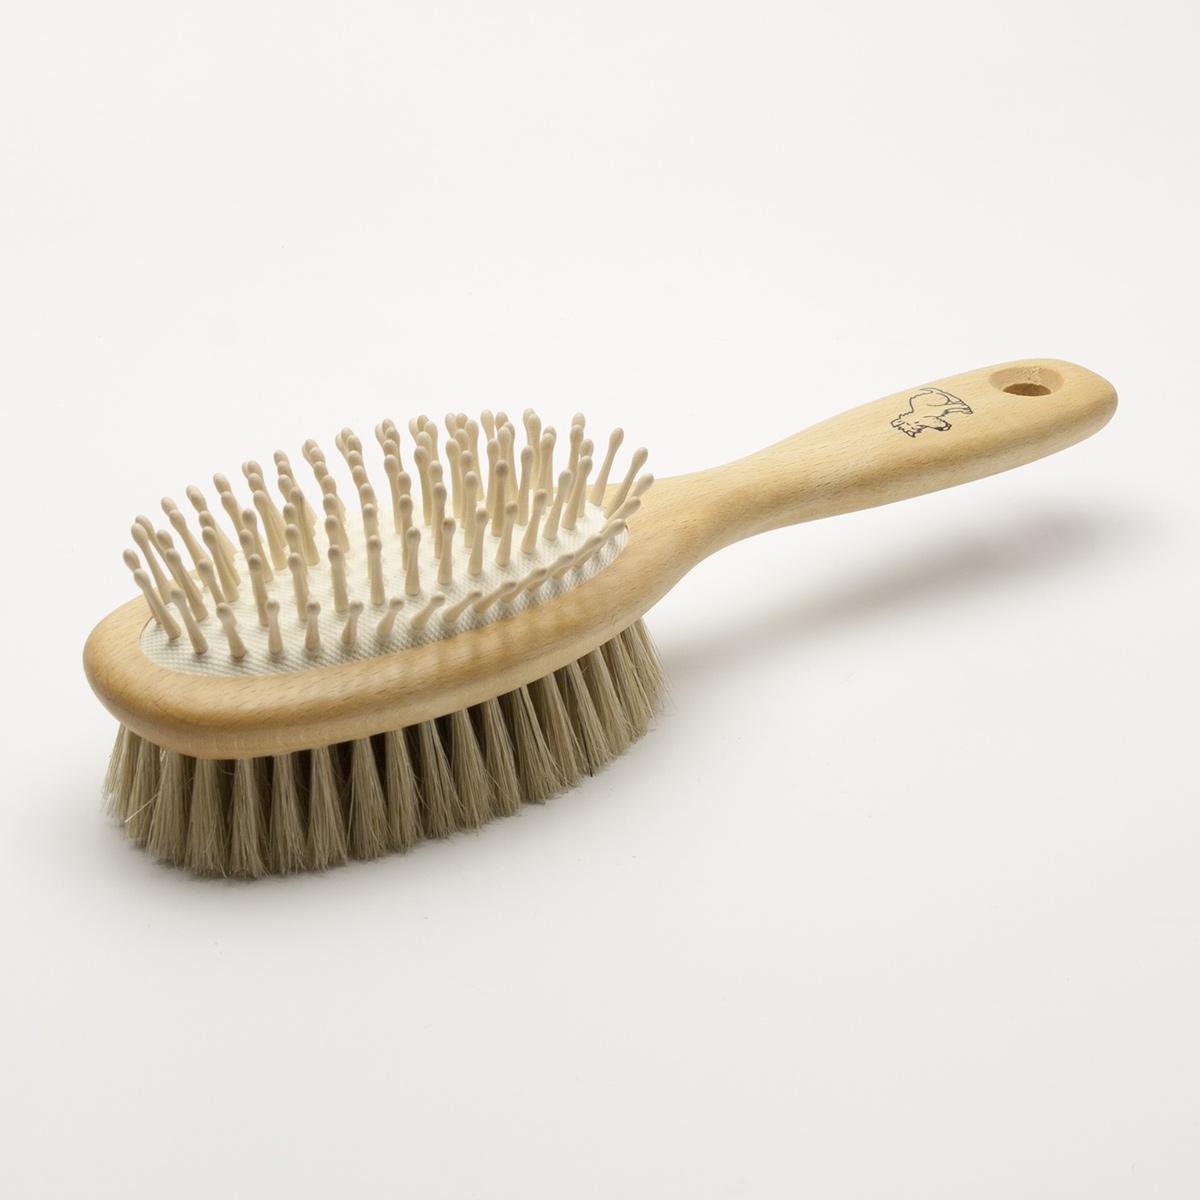 Redecker Hřeben z bukového dřeva pro psy, pro jemnou a citlivou srst 23,5 cm